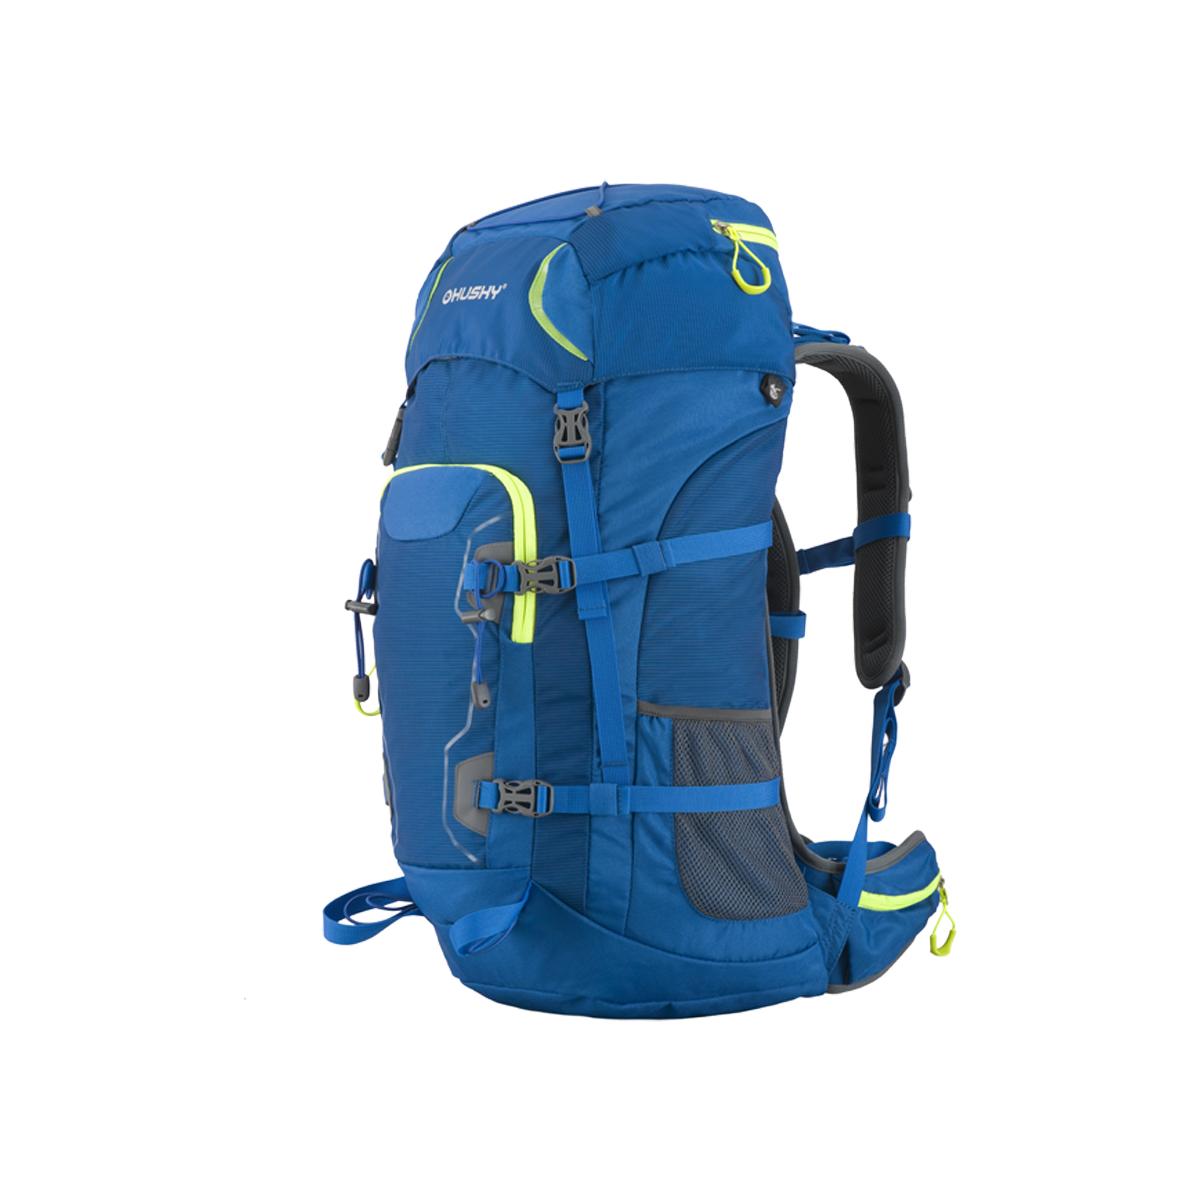 b13665f7a1 Batoh Expedícia   Turistika - Sloper 45 l – modrá